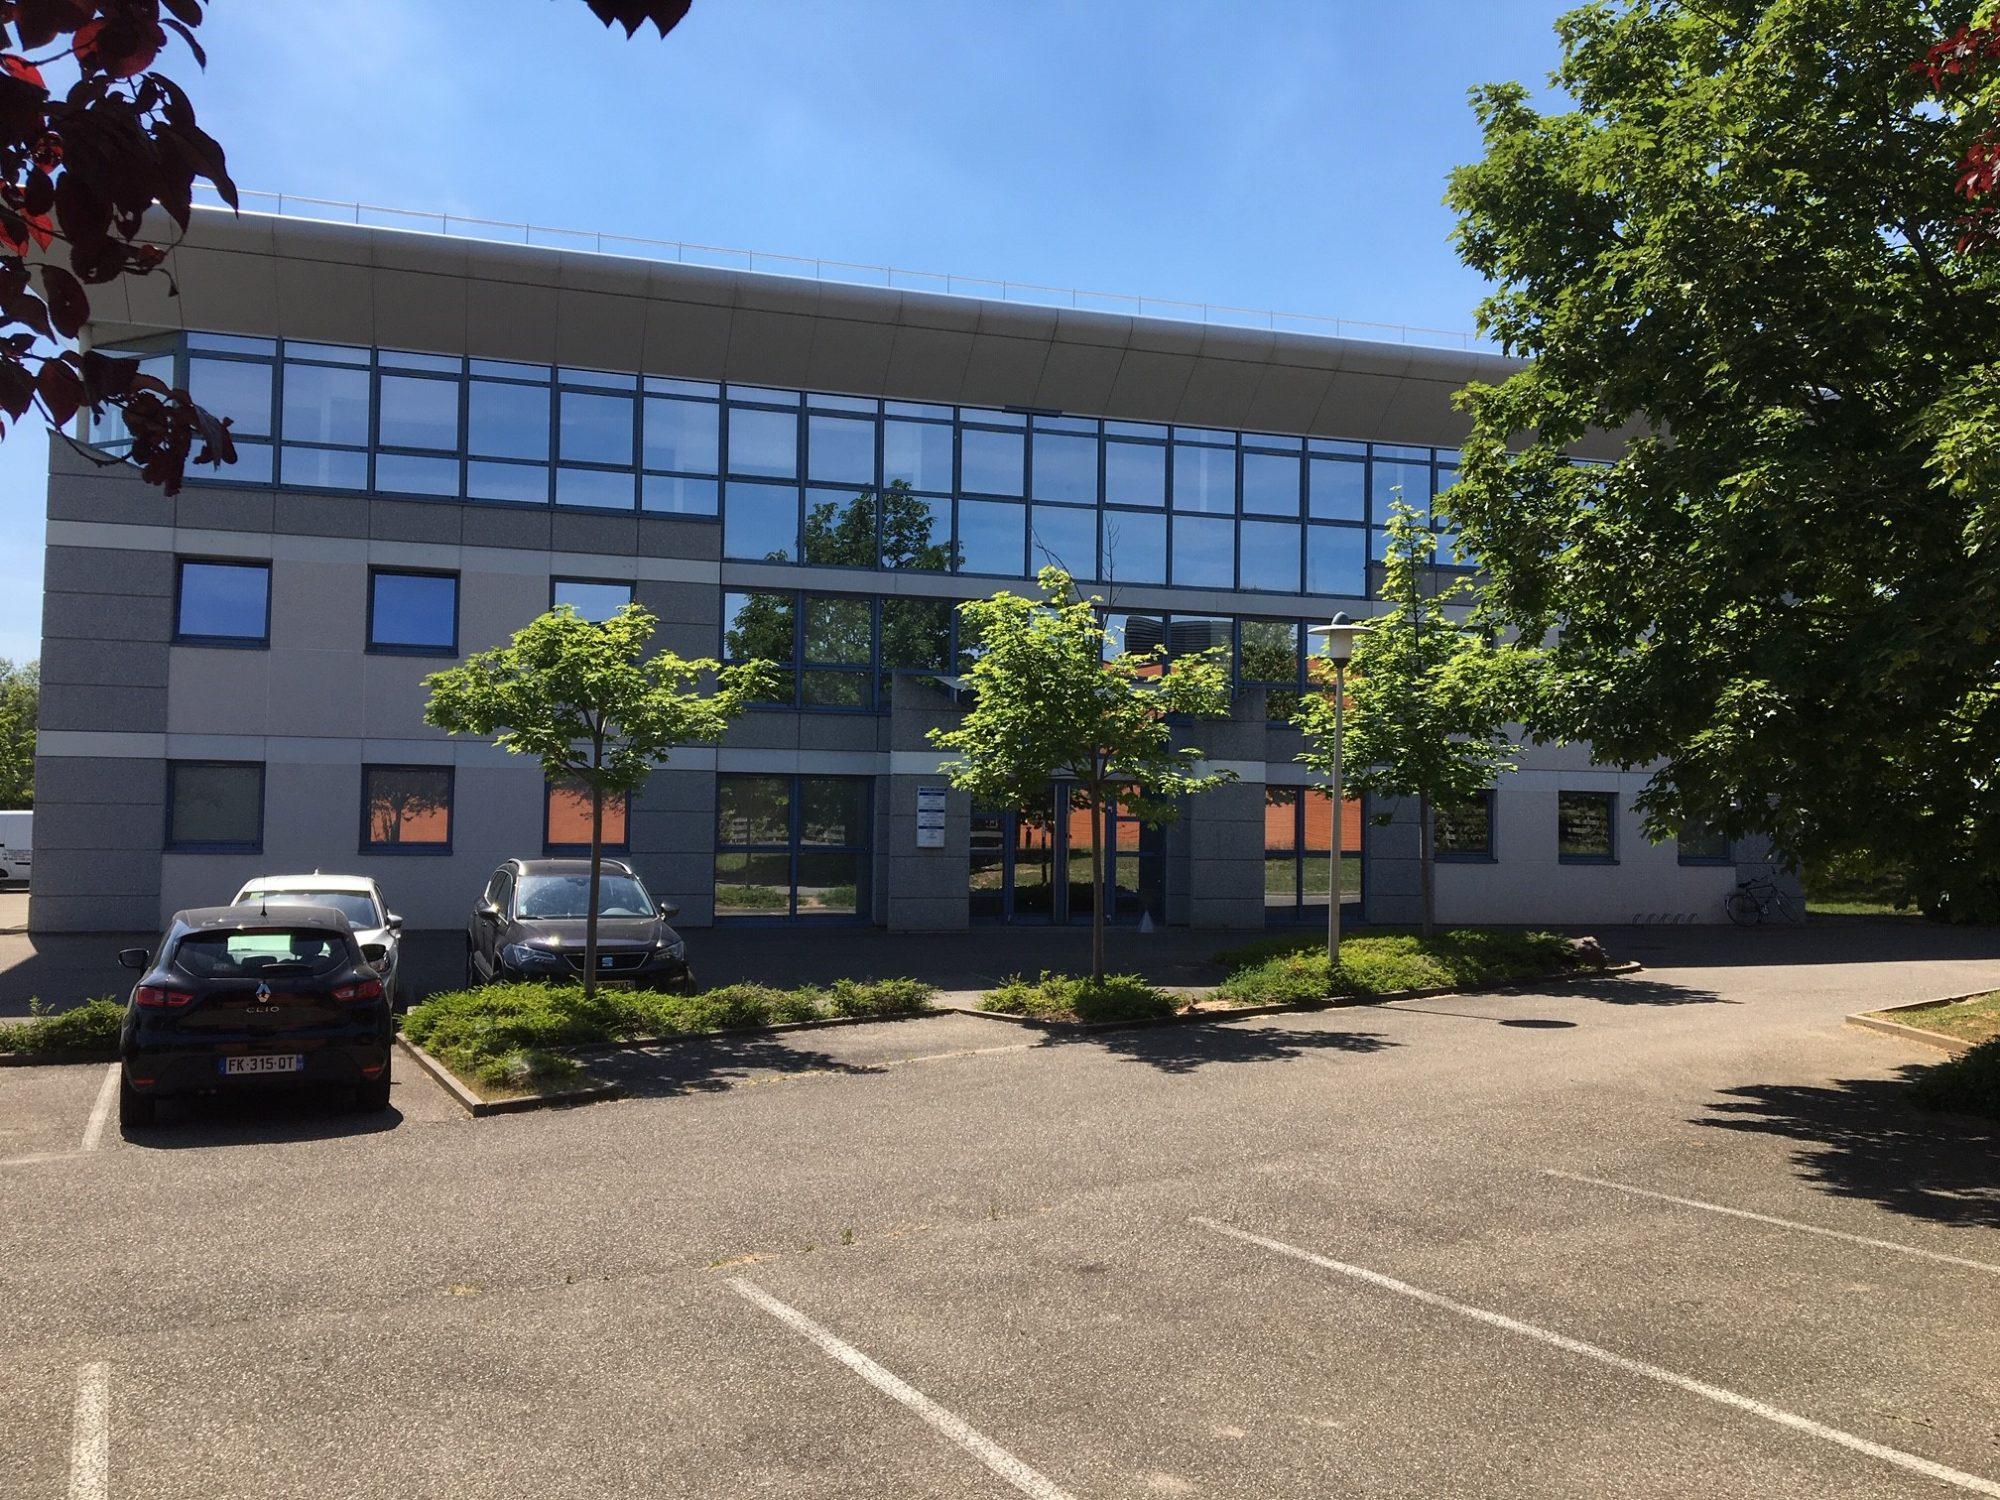 'Le Millenium' bureaux proche Aeroport de Strasbourg - Entzheim